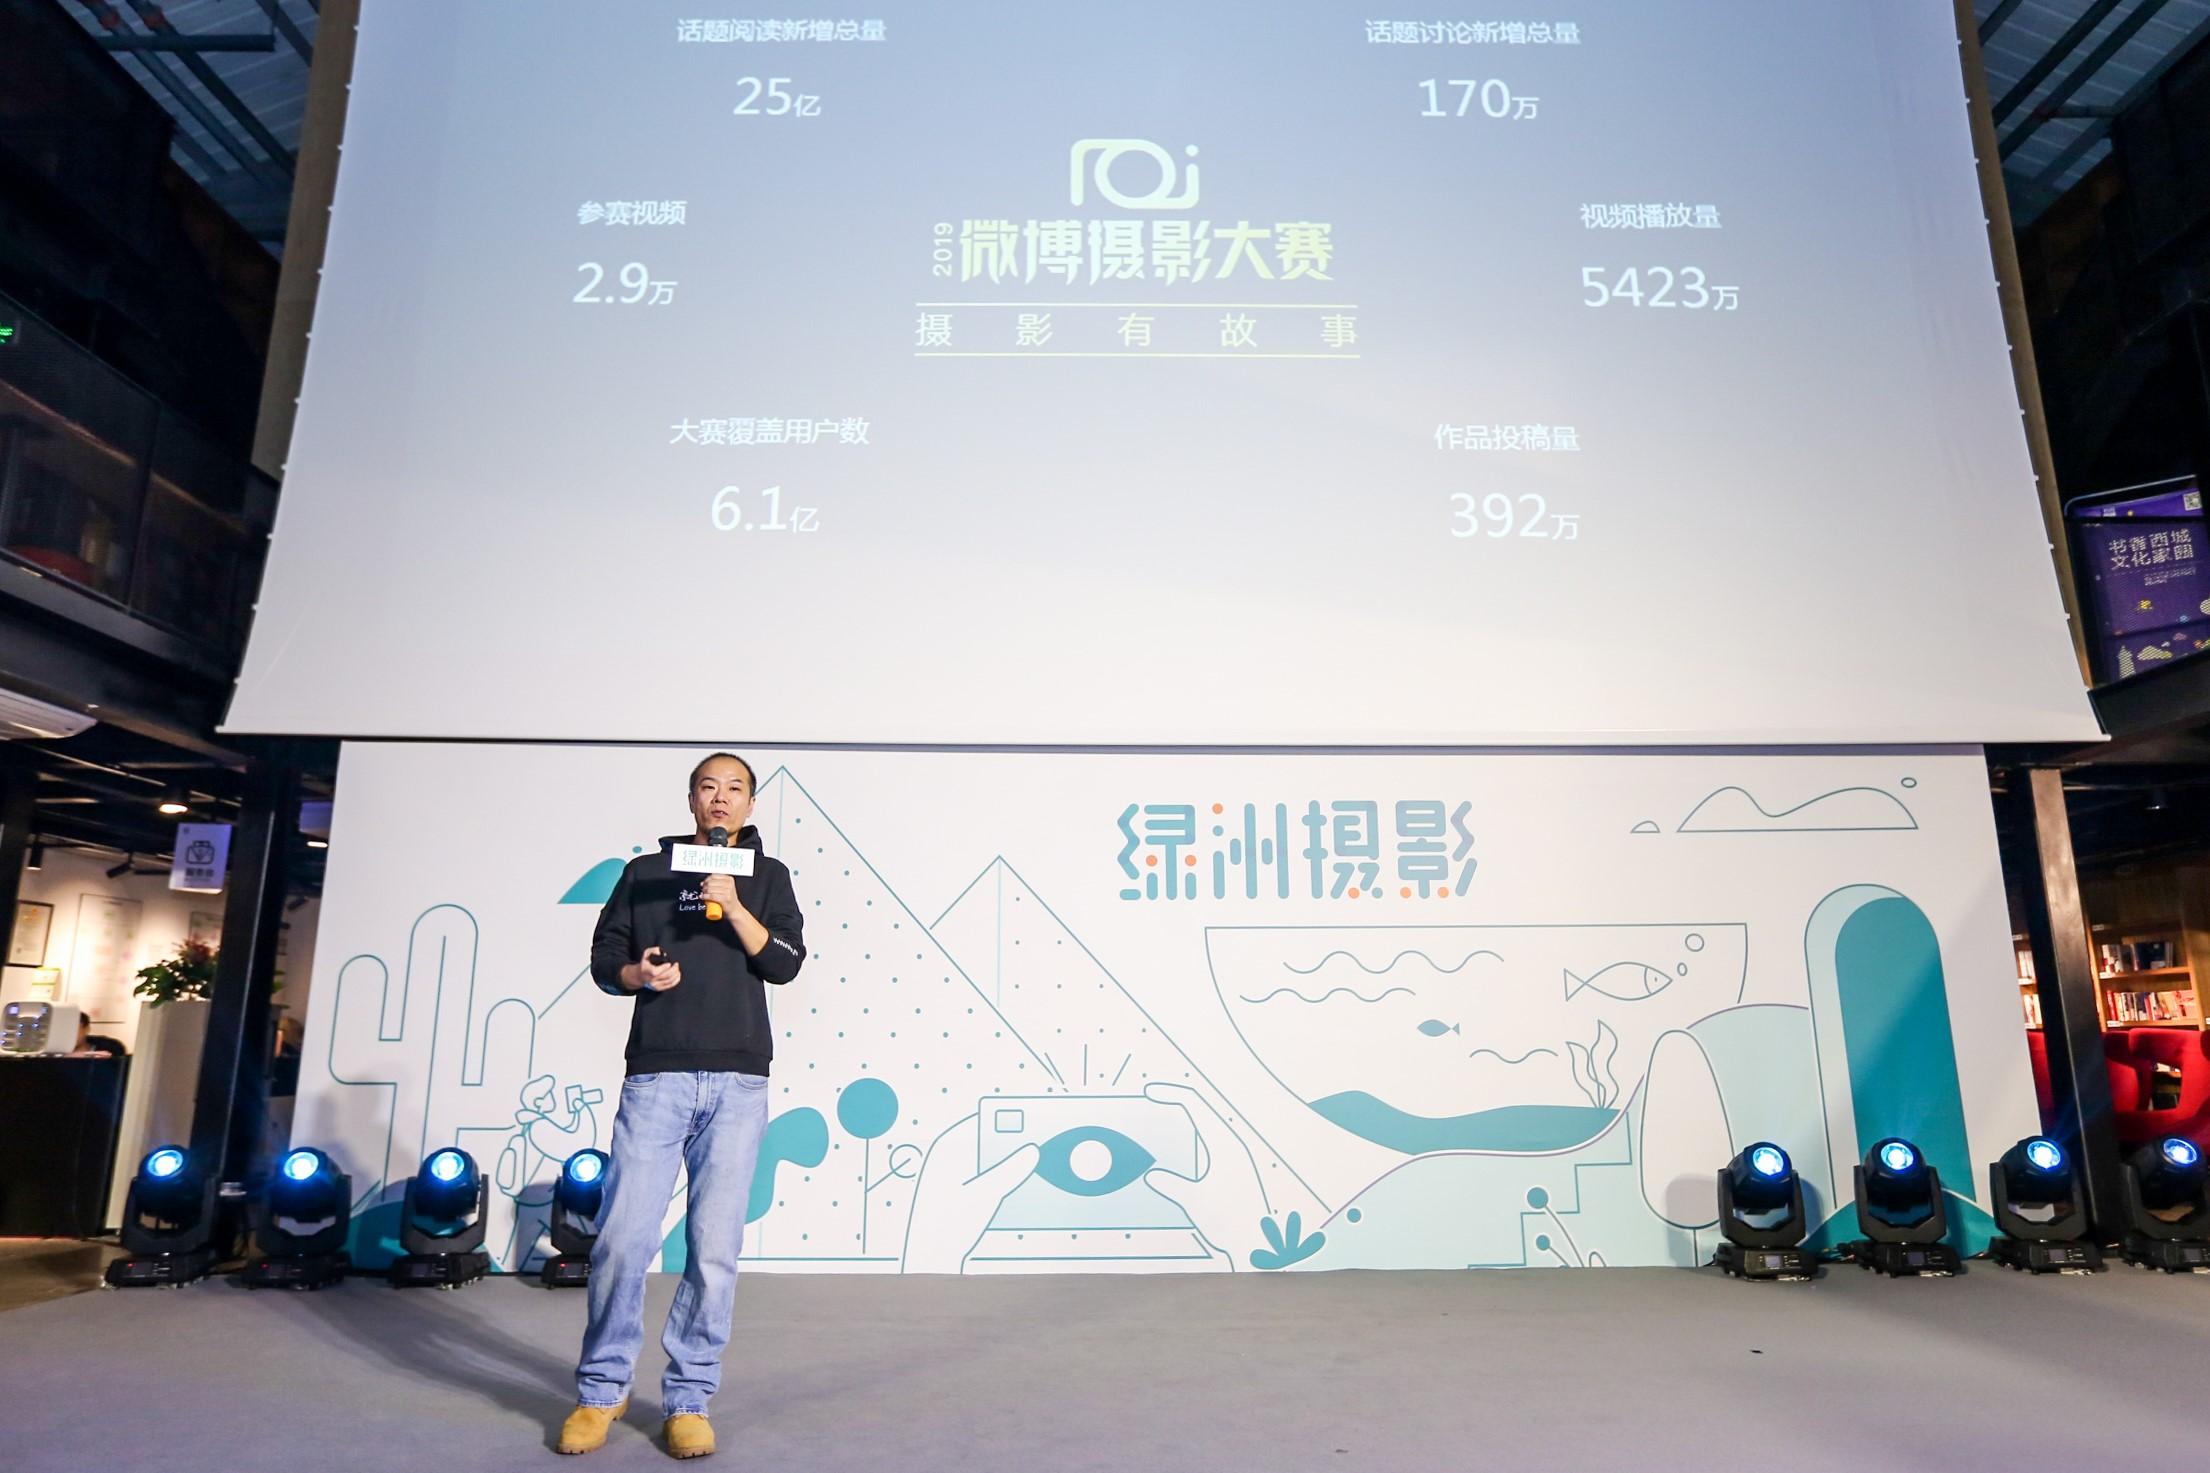 摄影遇见绿洲!微博摄影 2019 线下影展活动在京举行